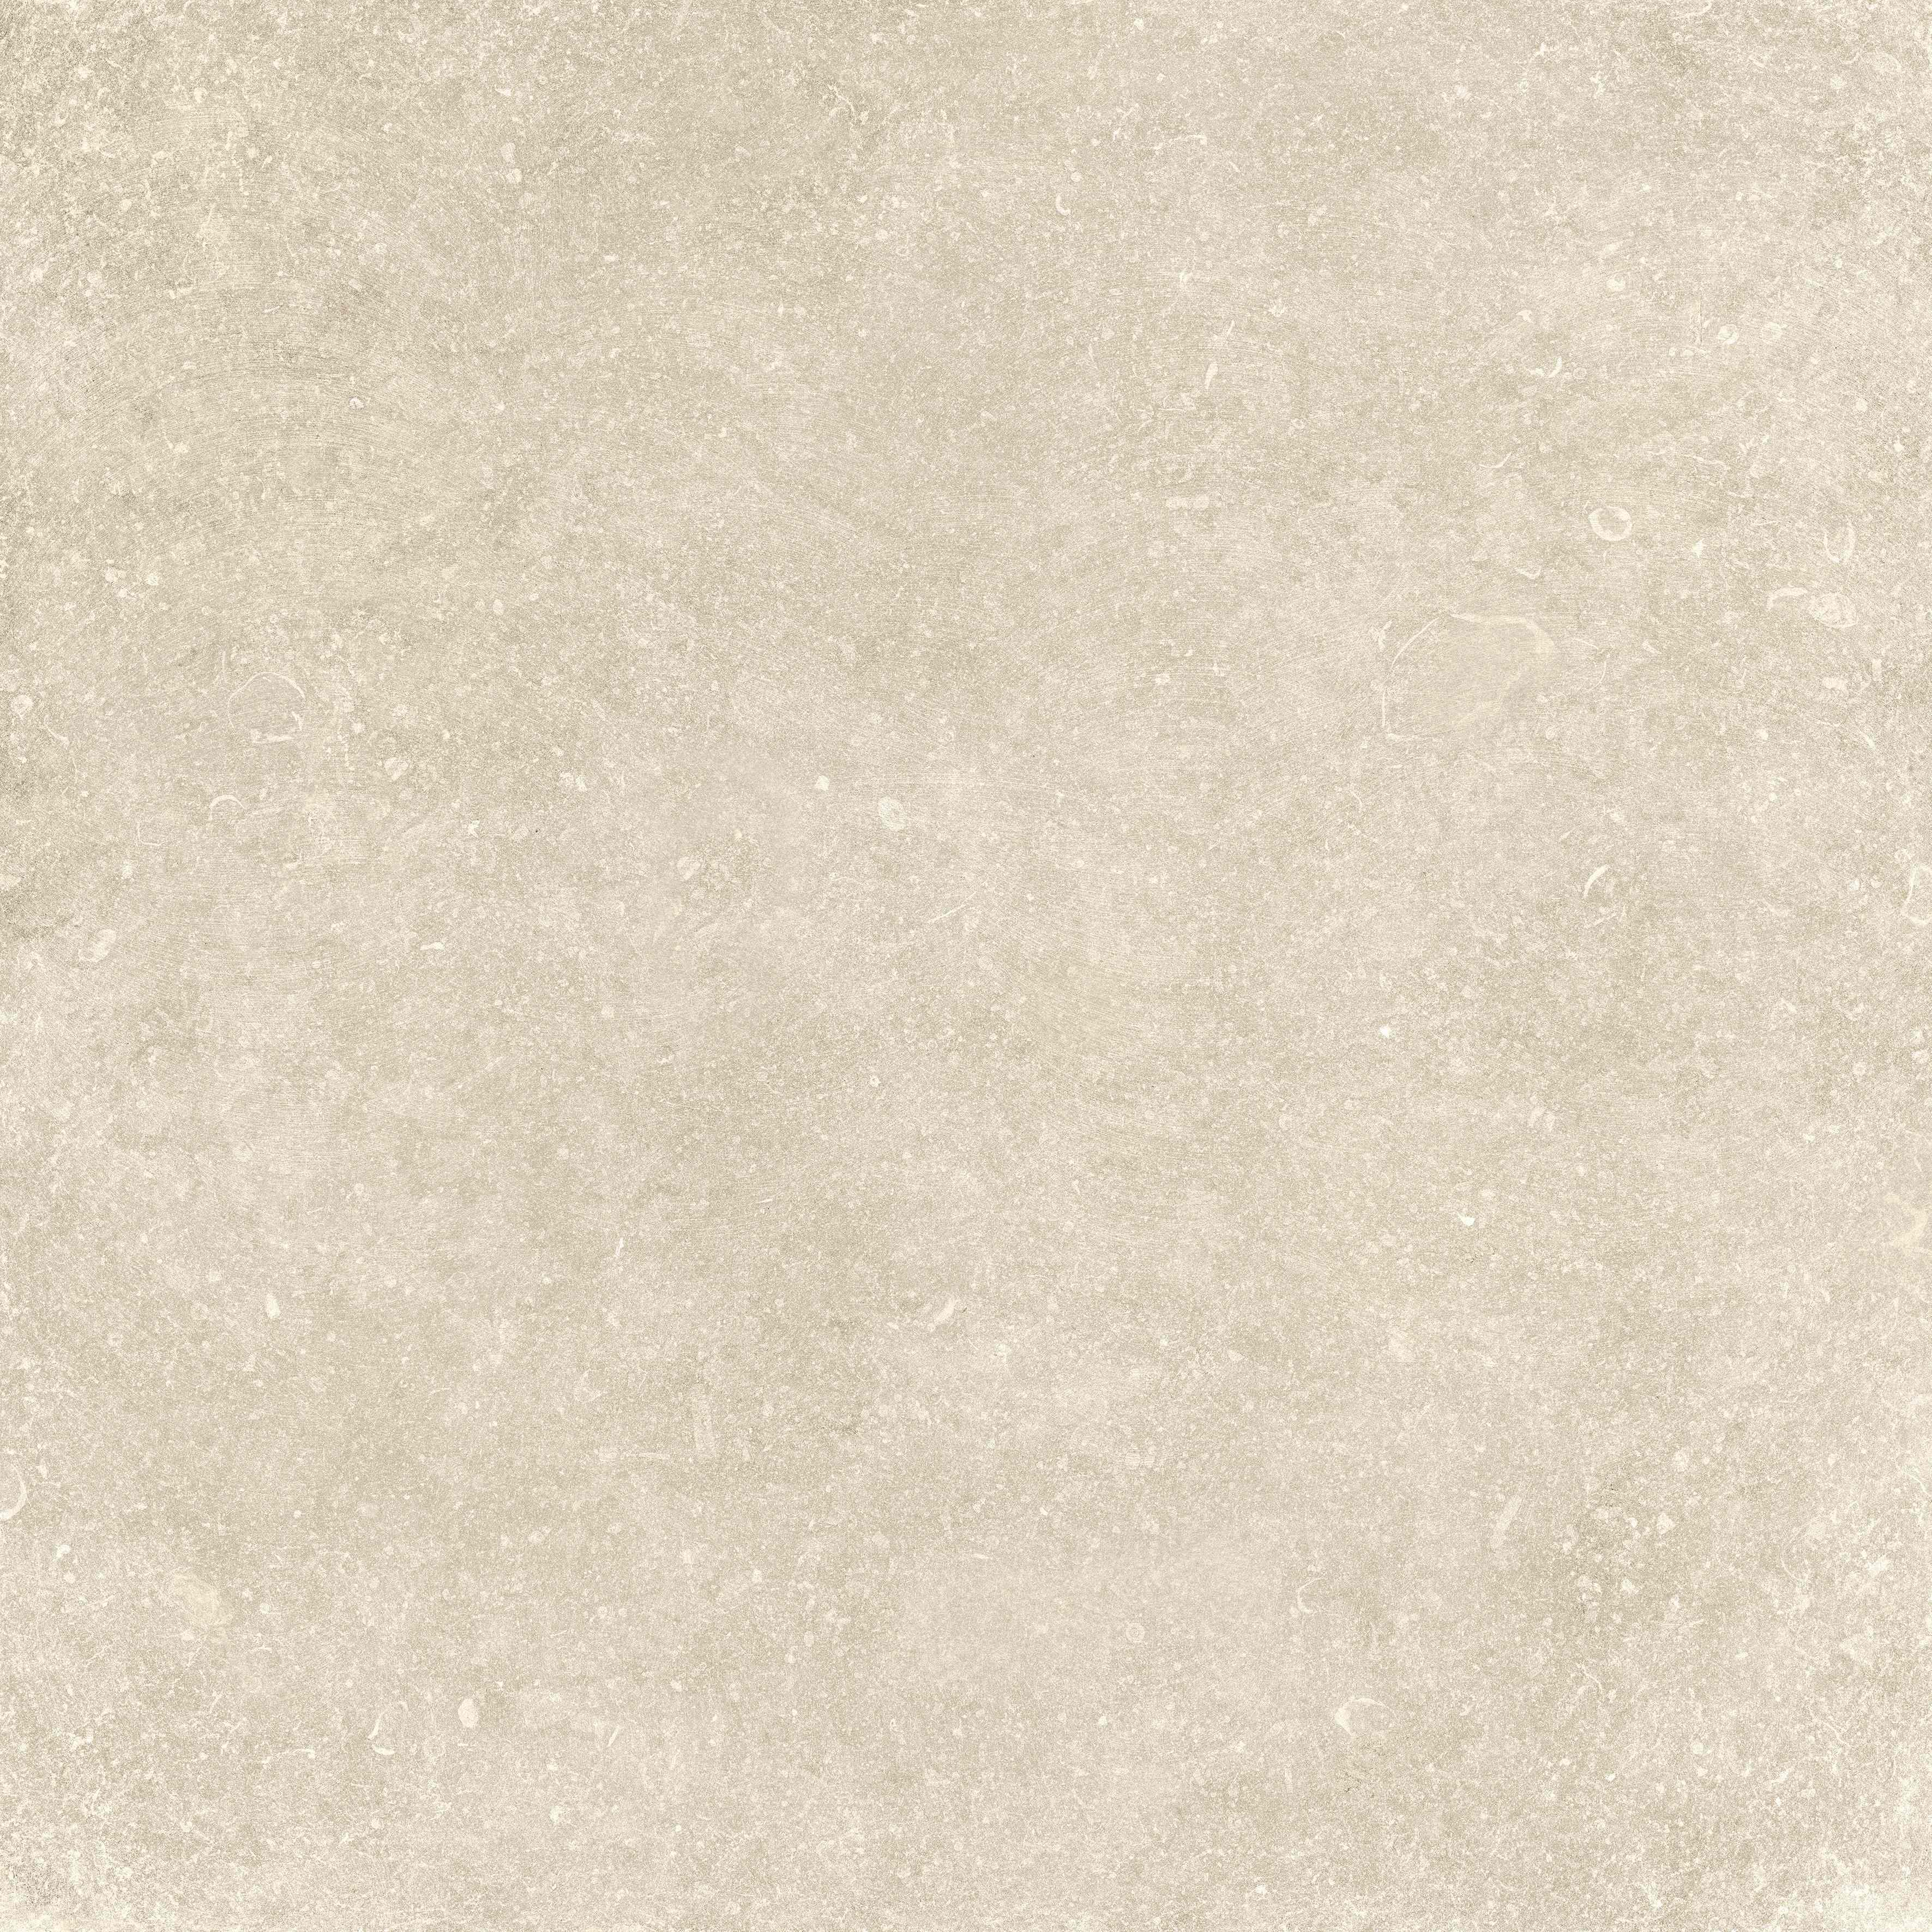 Плитка BEIGE (ZRXPZ3R) изображение 6